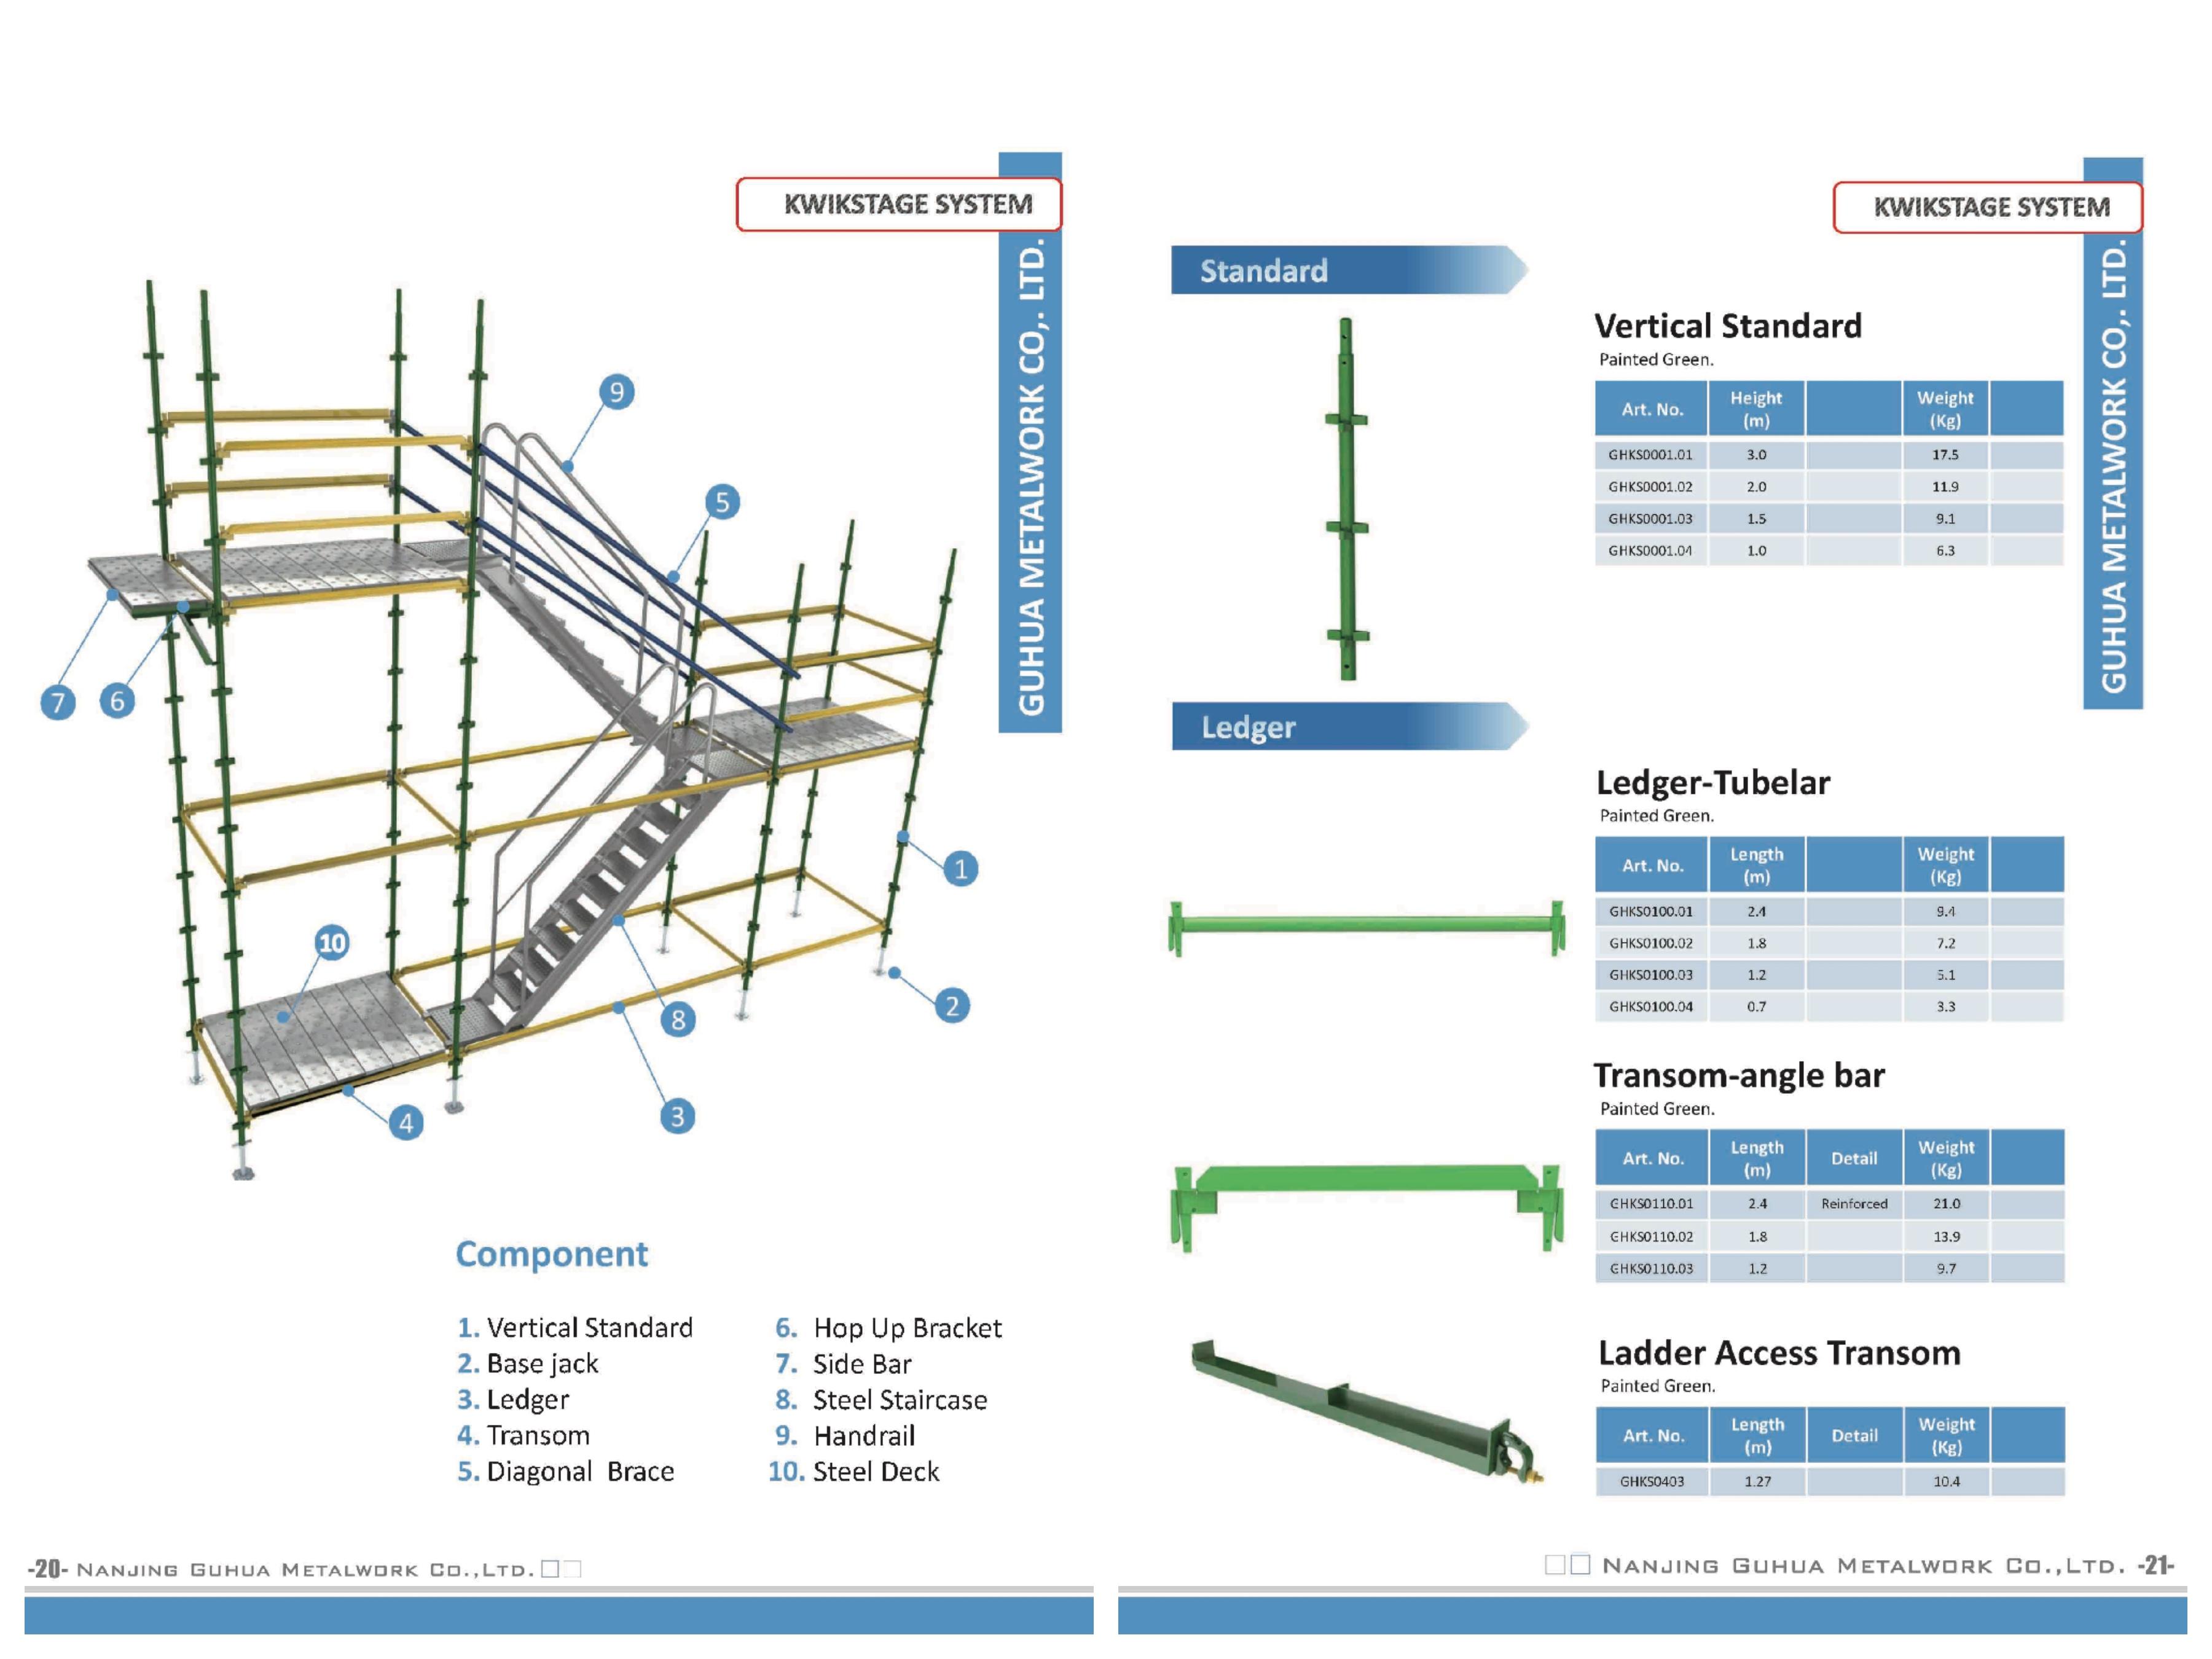 NGM_Kwikstage scaffolding 1